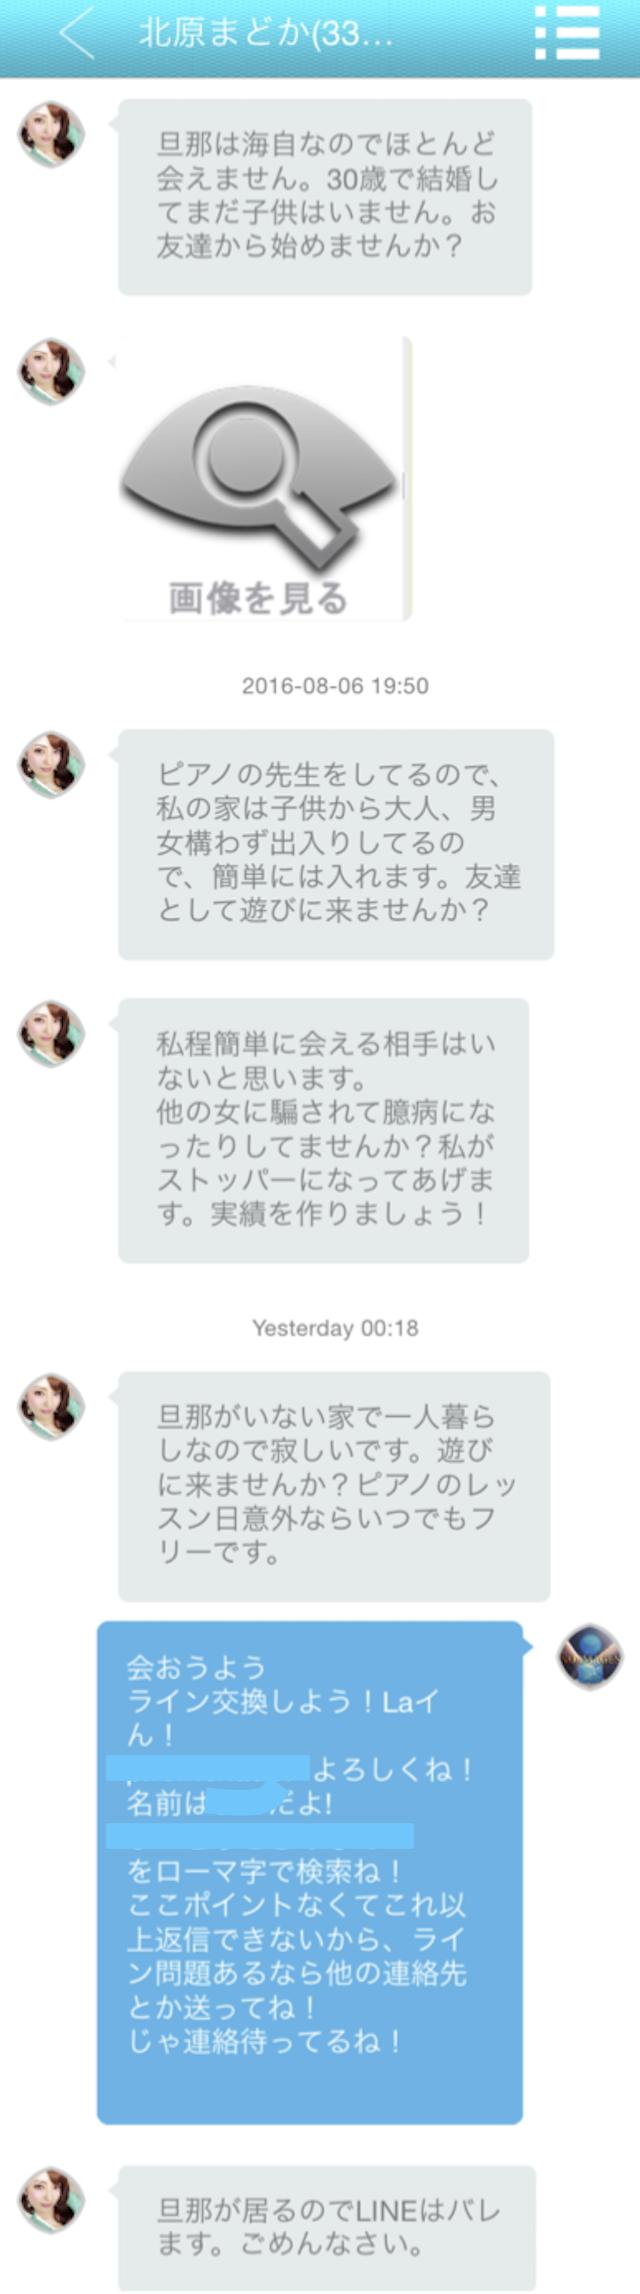 友達フレンズ_アプリ5